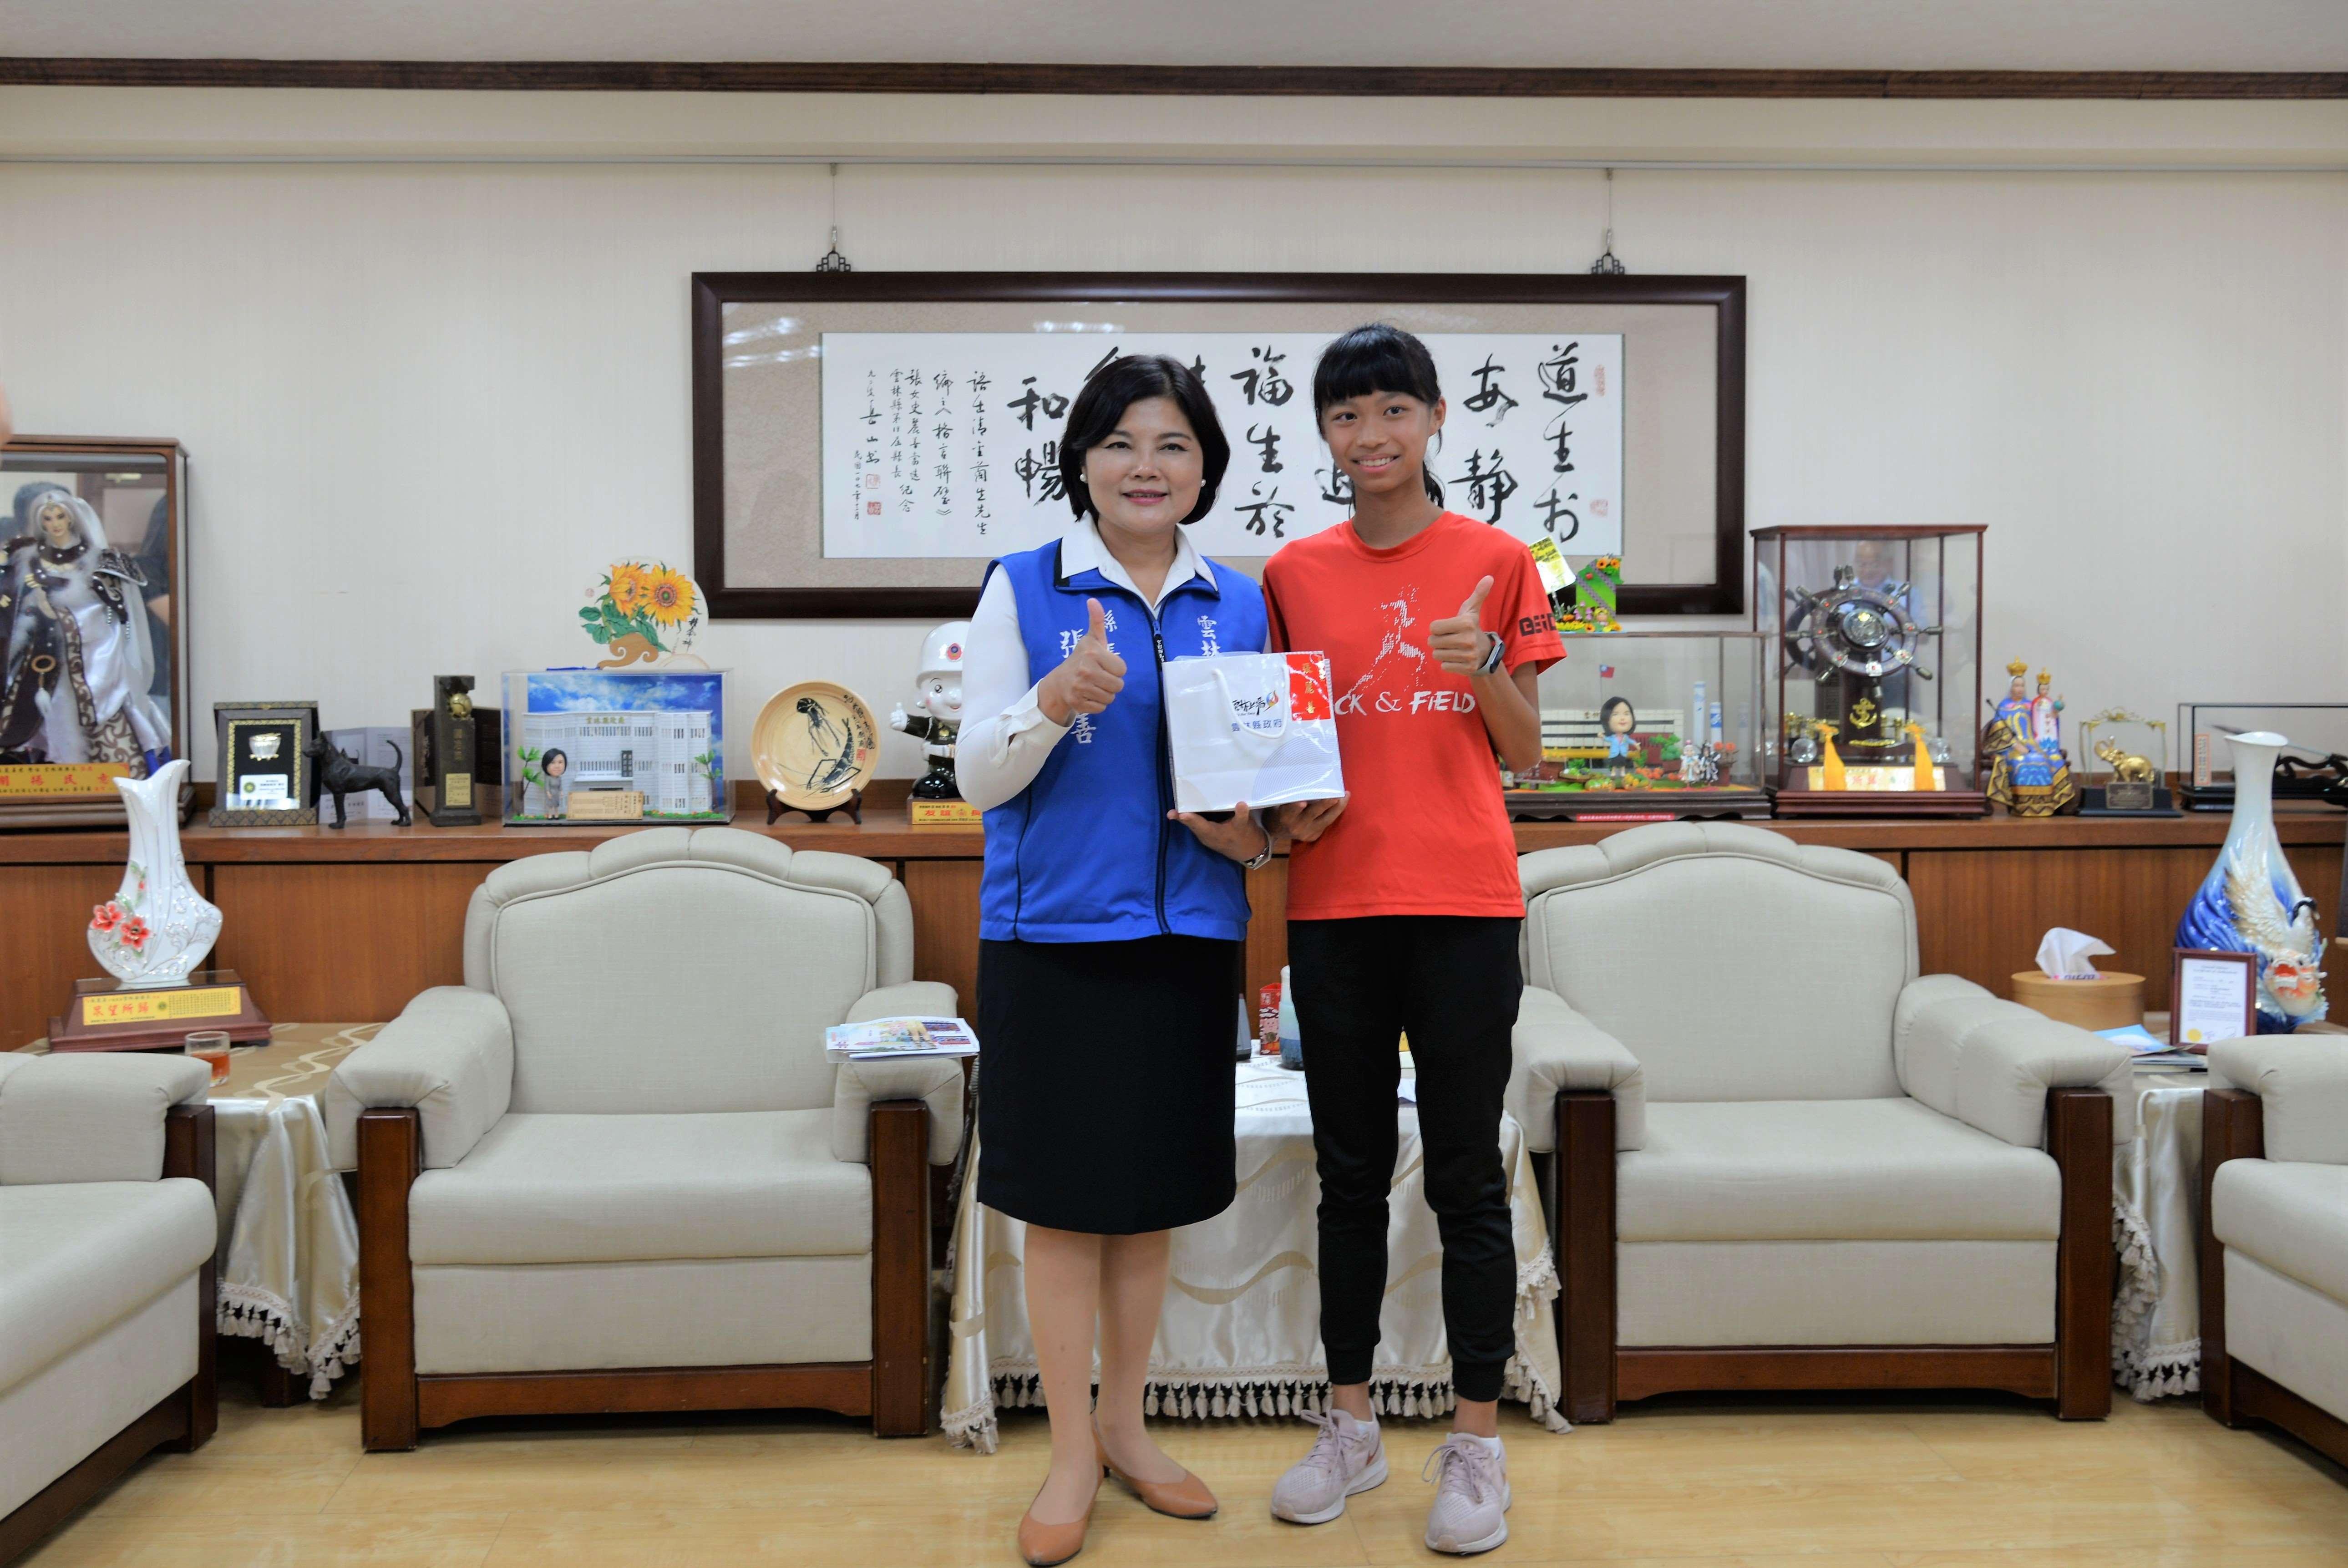 北辰國小王宥晴同學,已接連在全國各地征戰,獲獎無數,更贏得台灣最速女封號